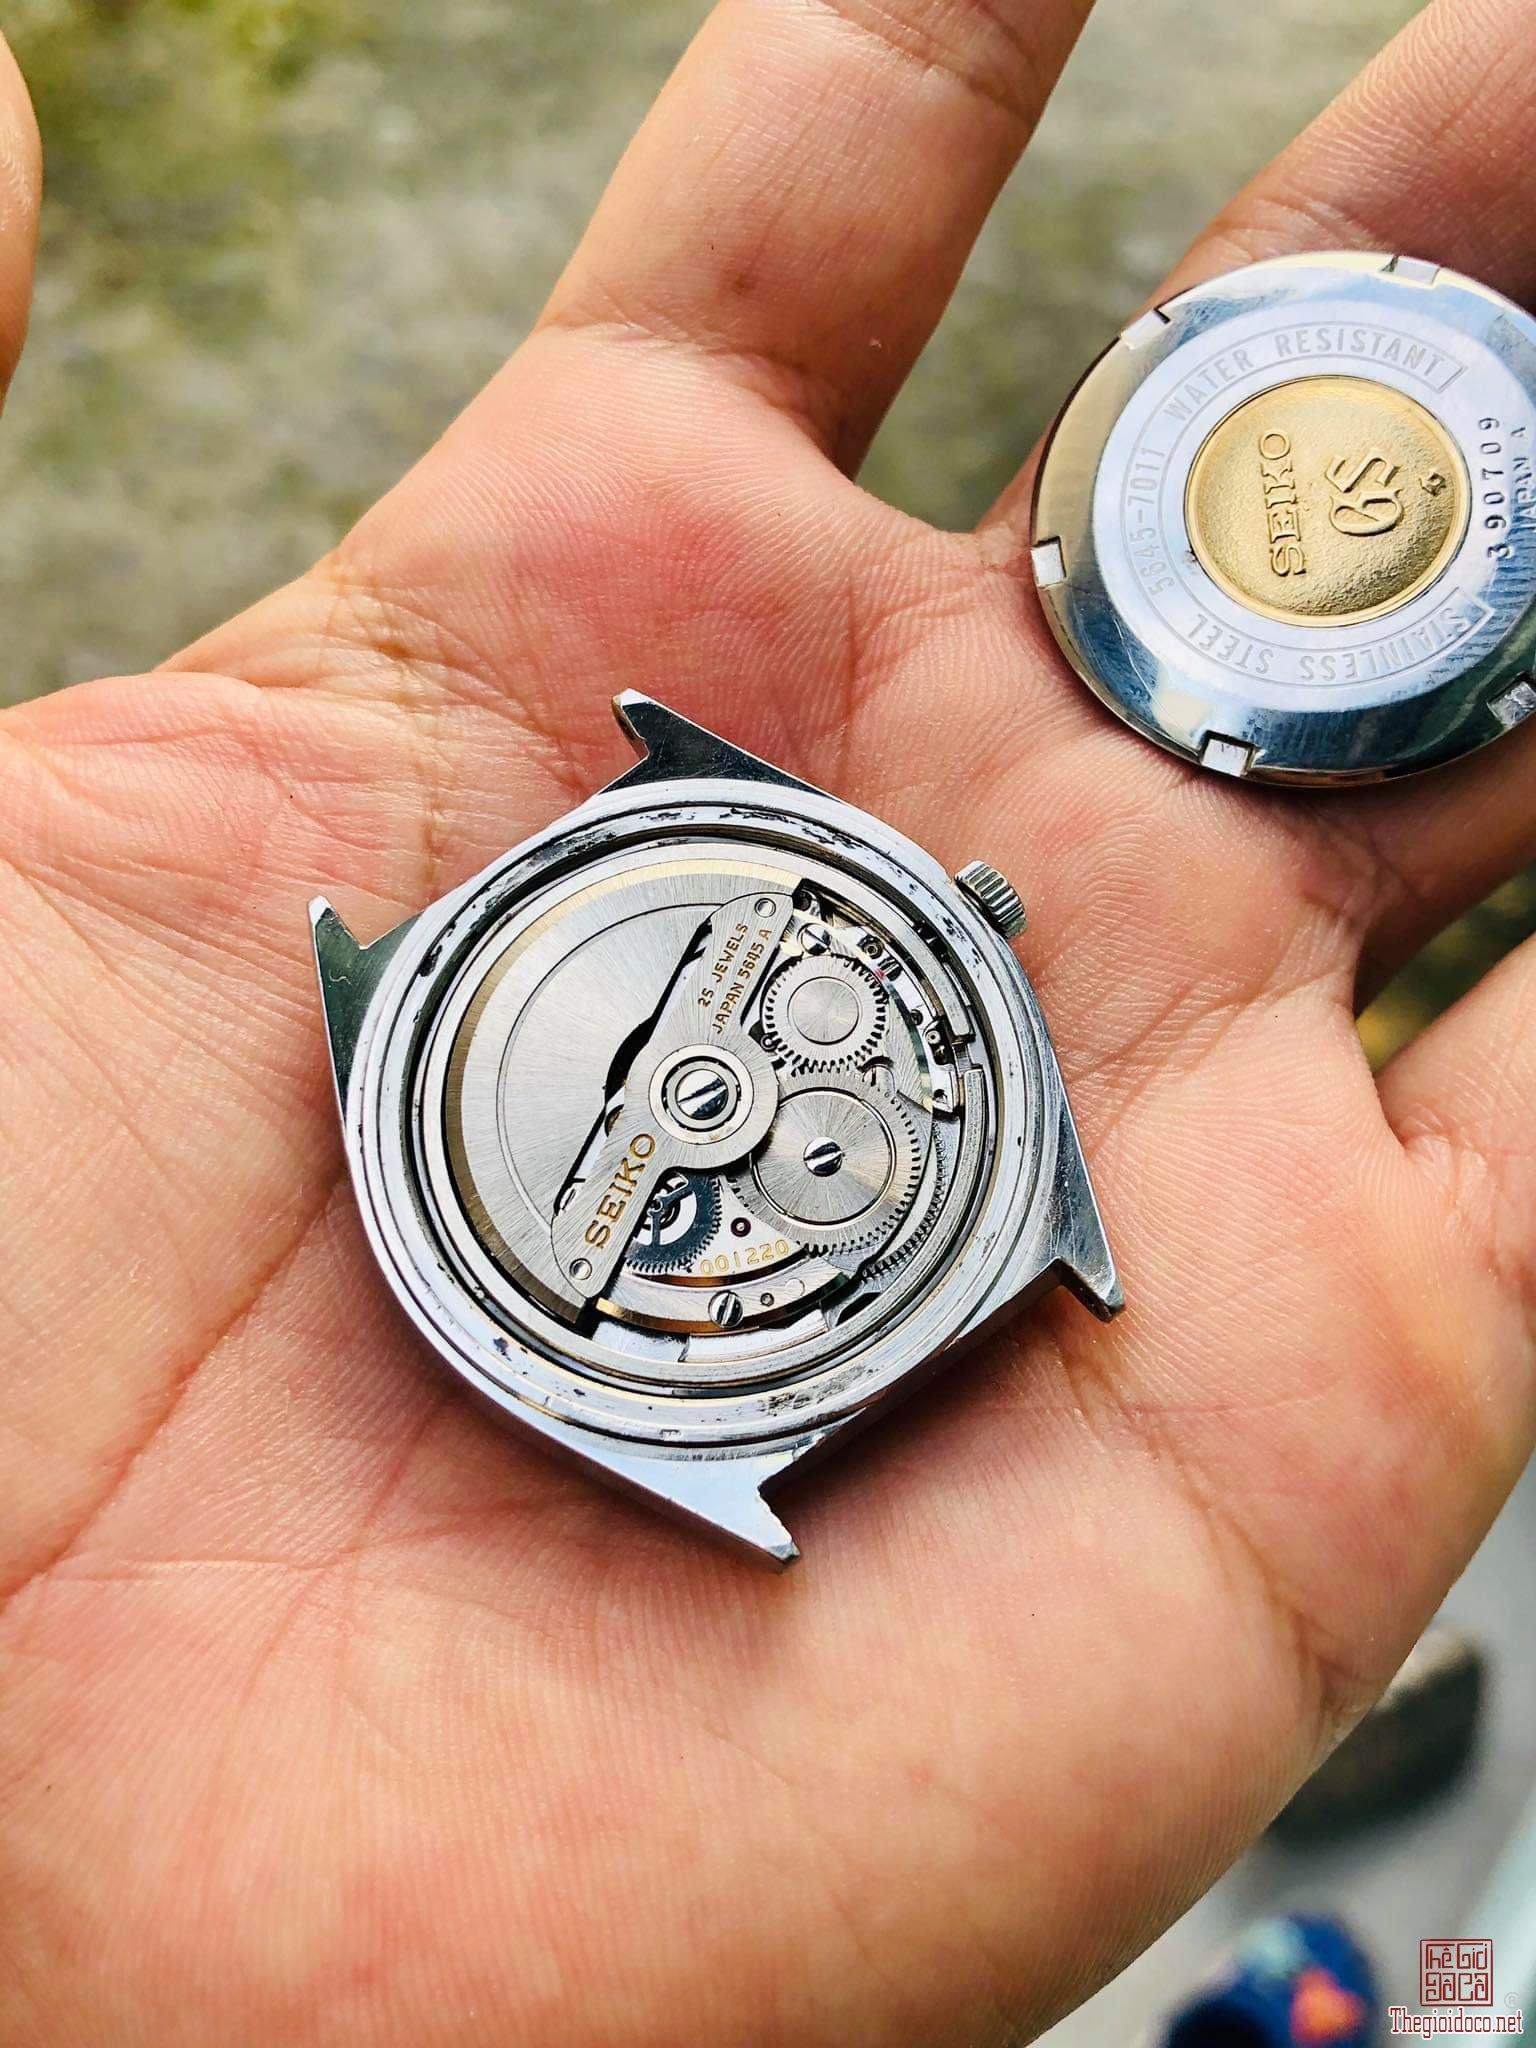 Đồng hồ xưa tự động SEIKO GS HI BEAT Nhật Bản